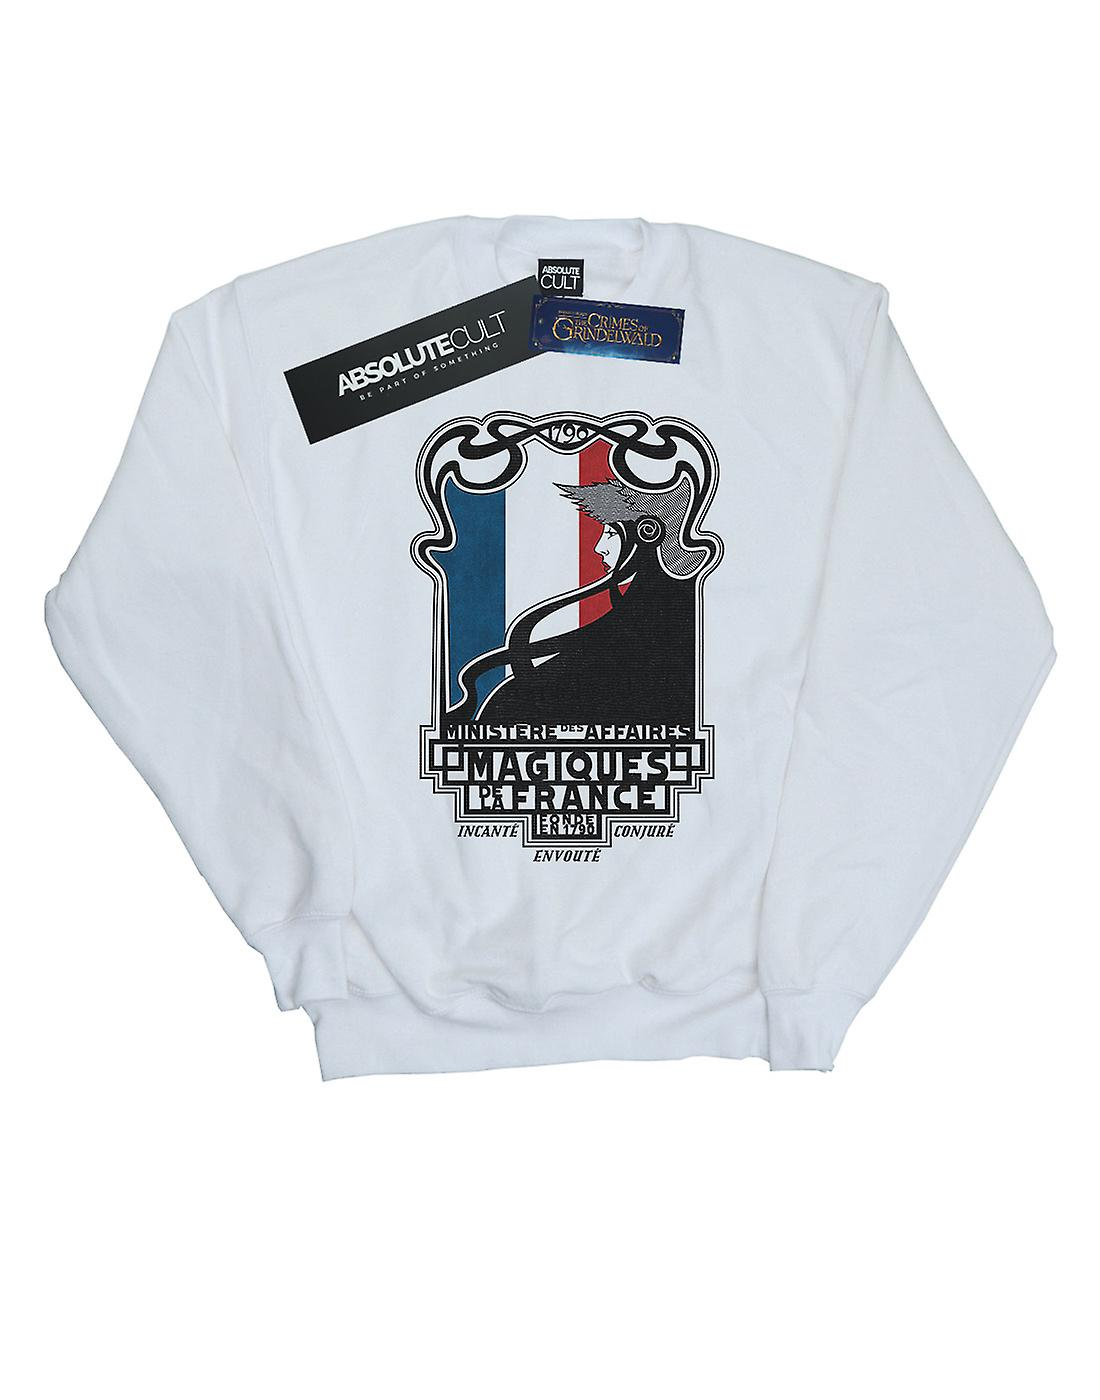 Fantastic Beasts Men's Magiques De La France Sweatshirt